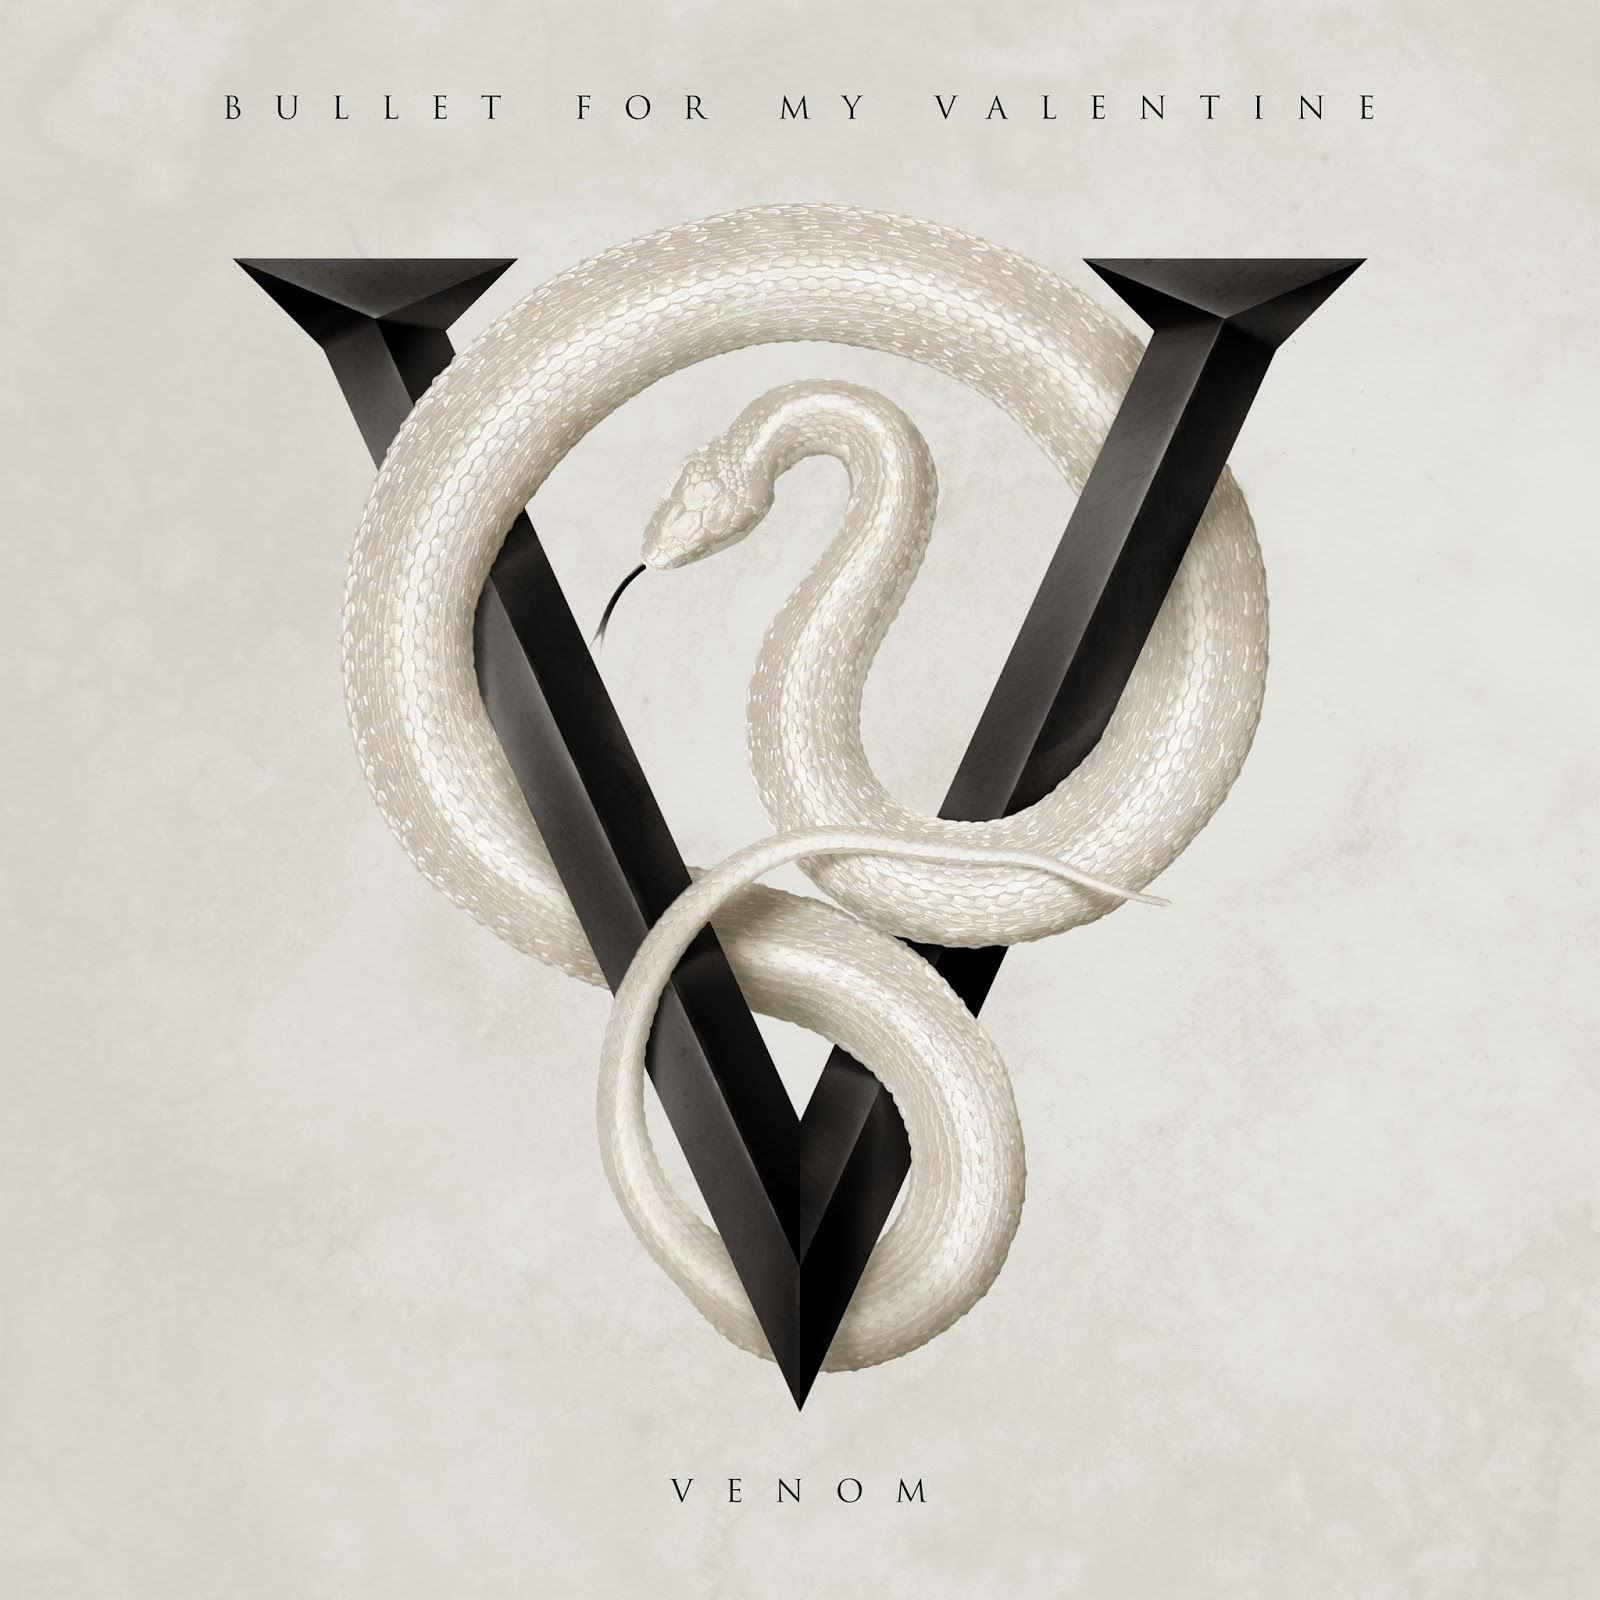 Mouse genius bullet for my valentine album venom 2015